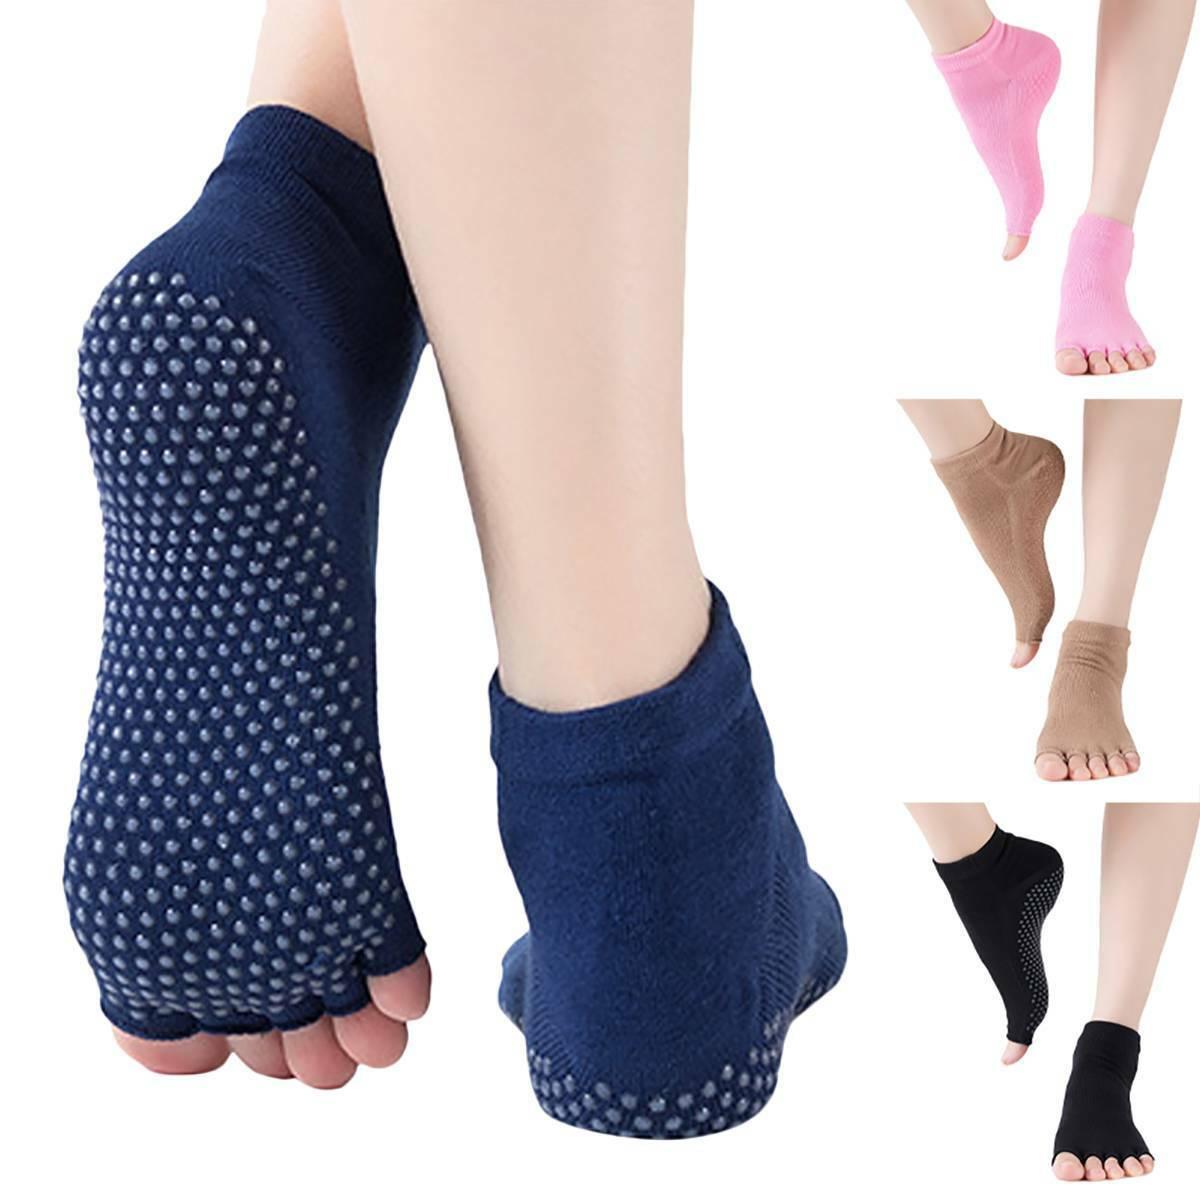 Women's Bella Grip Cotton Non Slip Socks for Ballet Yoga Pilates Sock Half Toe